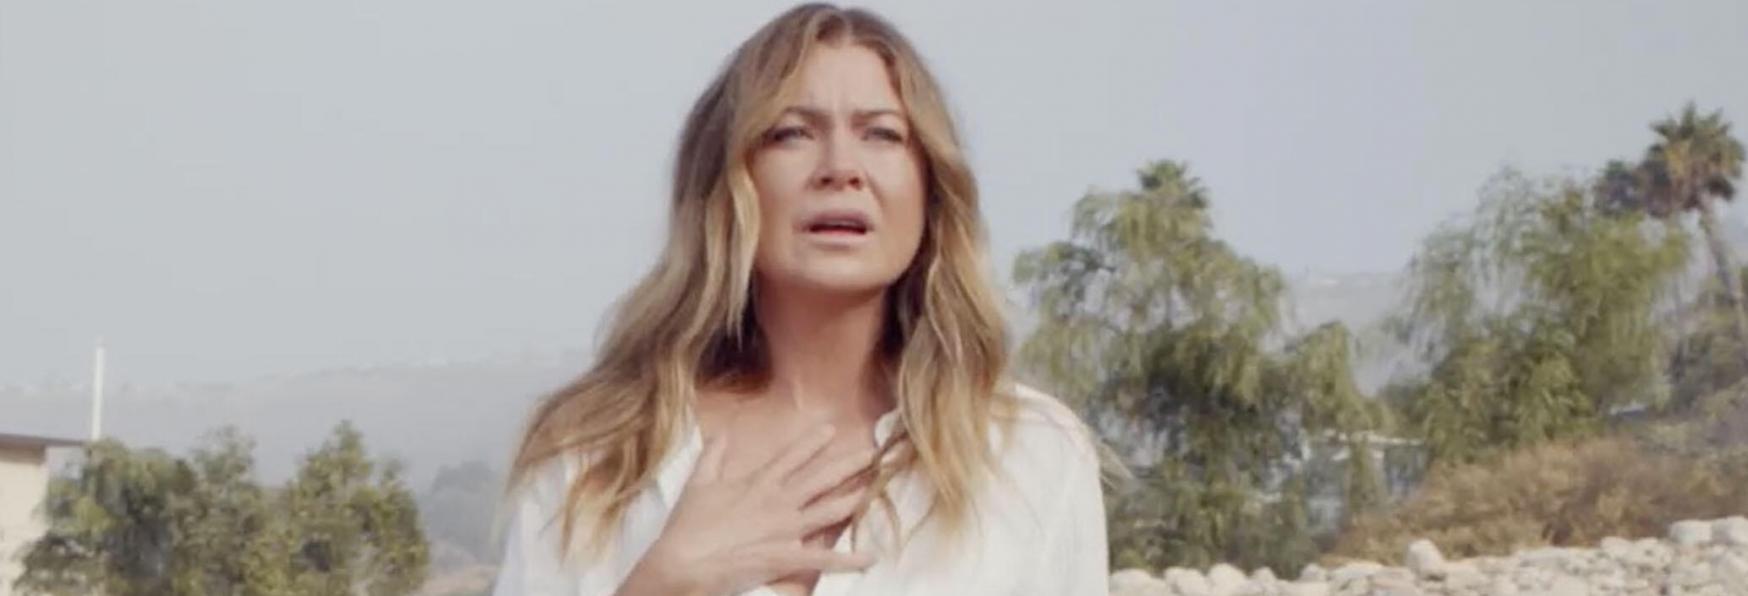 Grey's Anatomy 17: un Nuovo Scioccante Colpo di Scena nell'ultimo Episodio Trasmesso